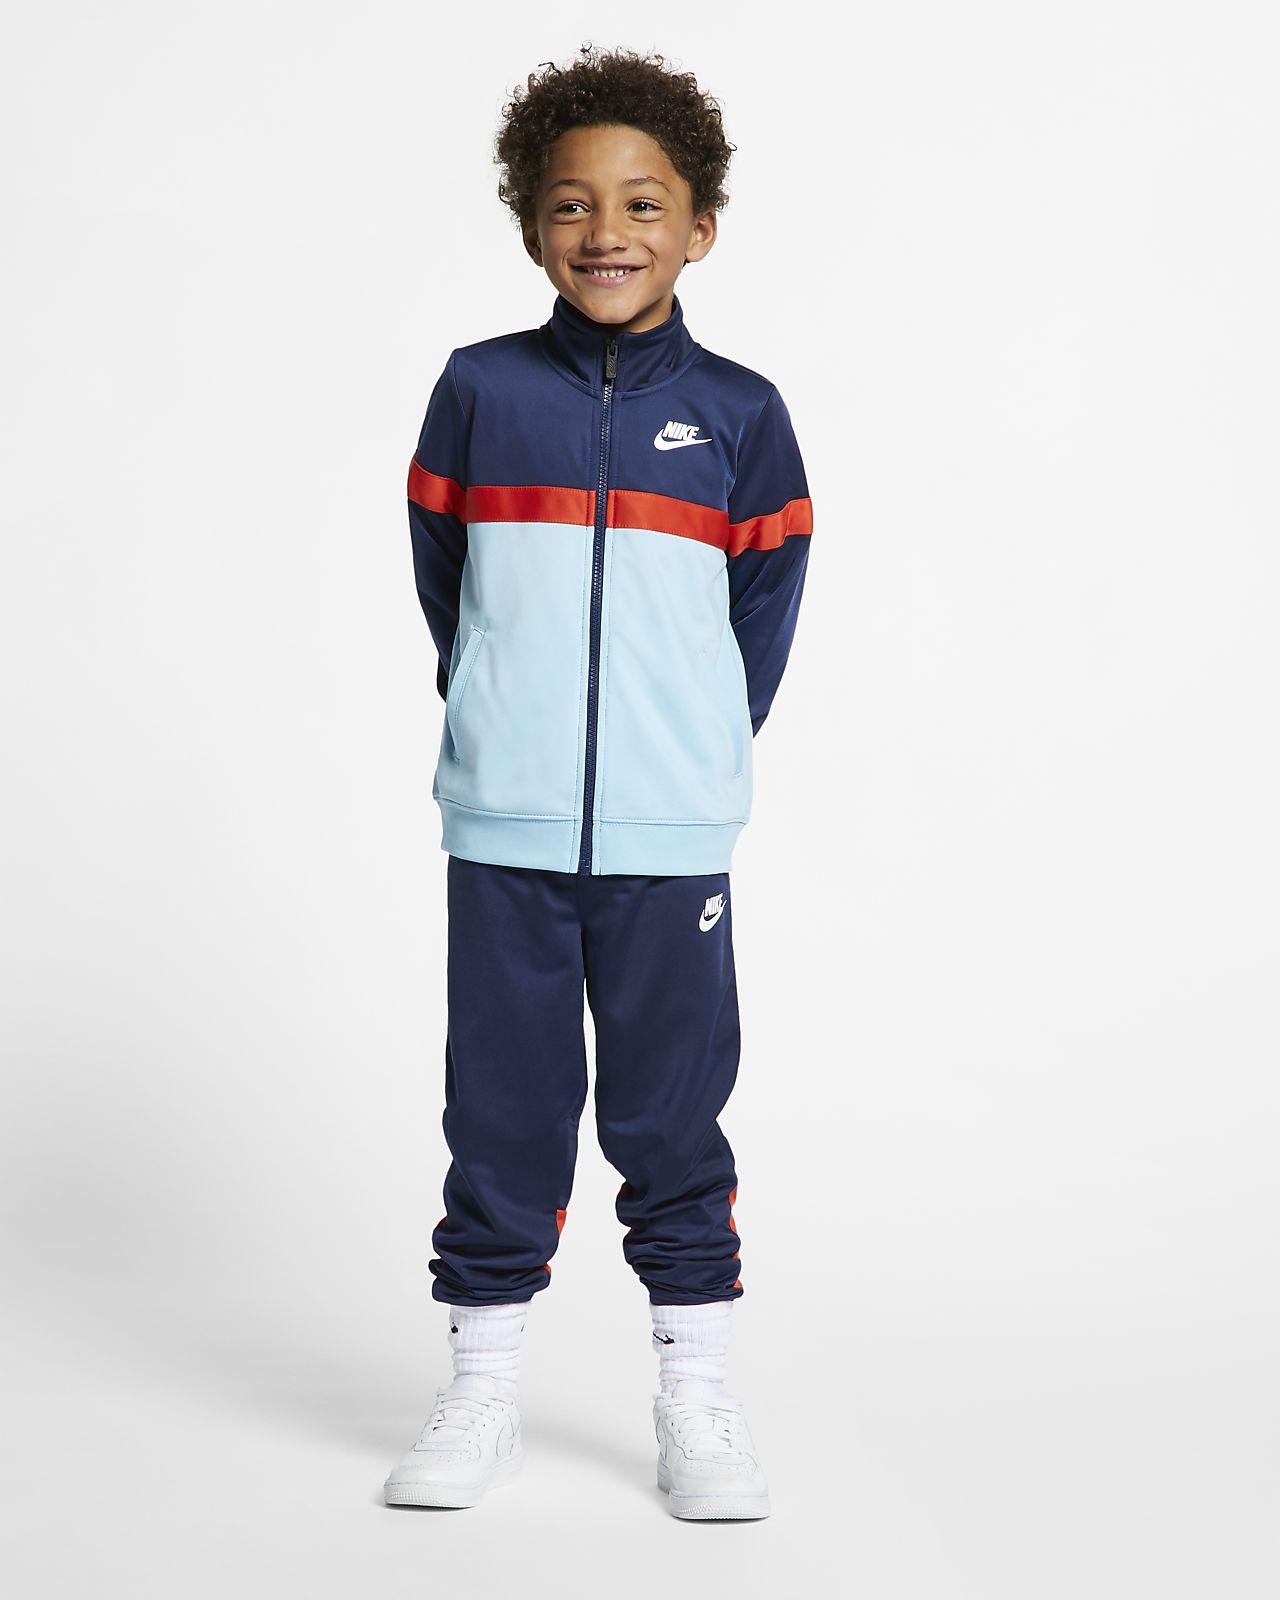 Nike Sportswear Little Kids' 2-Piece Set